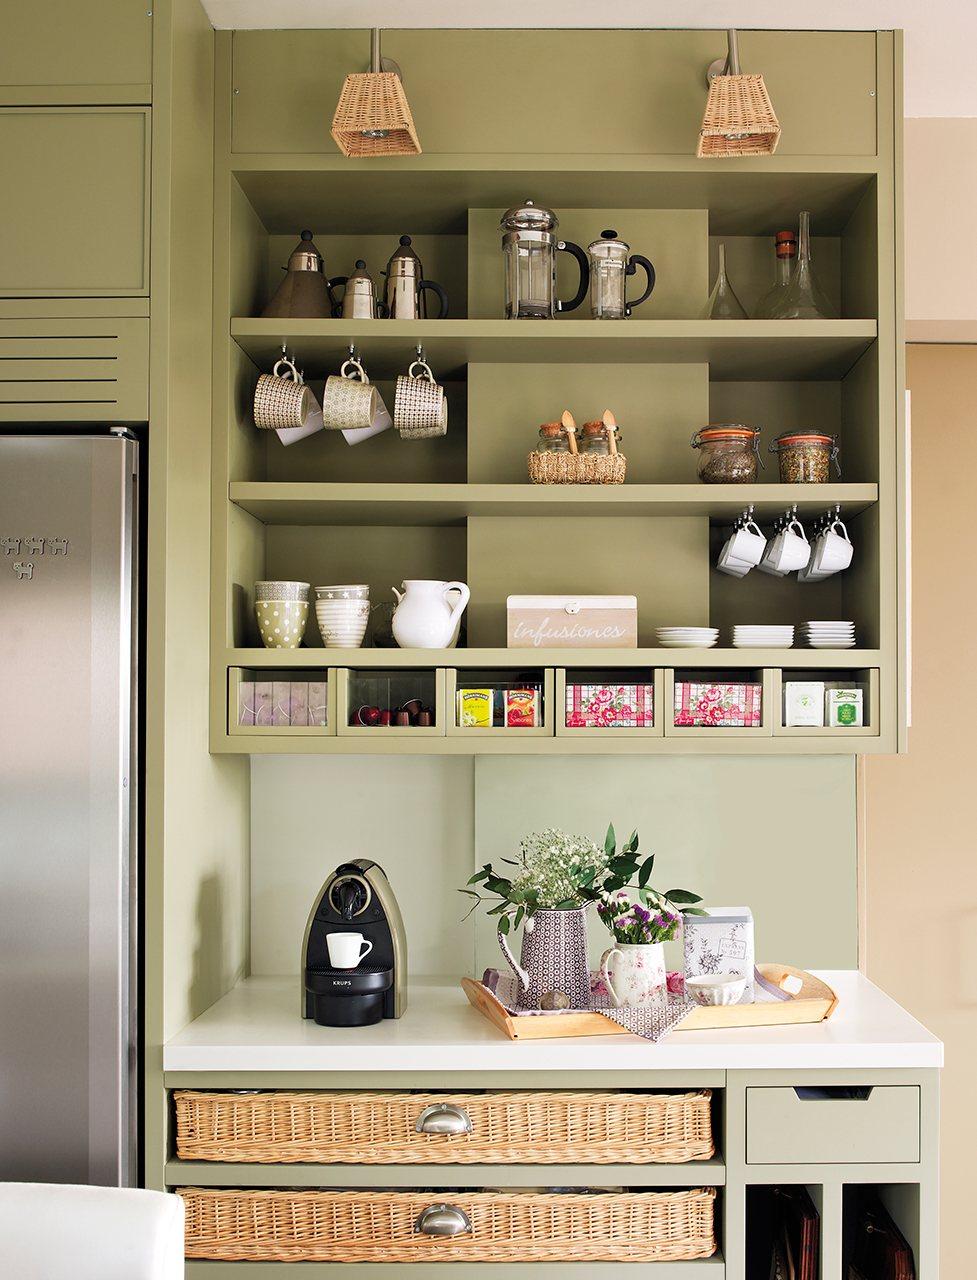 Organiza la cocina y tenlo todo a mano for Mueble pared cocina